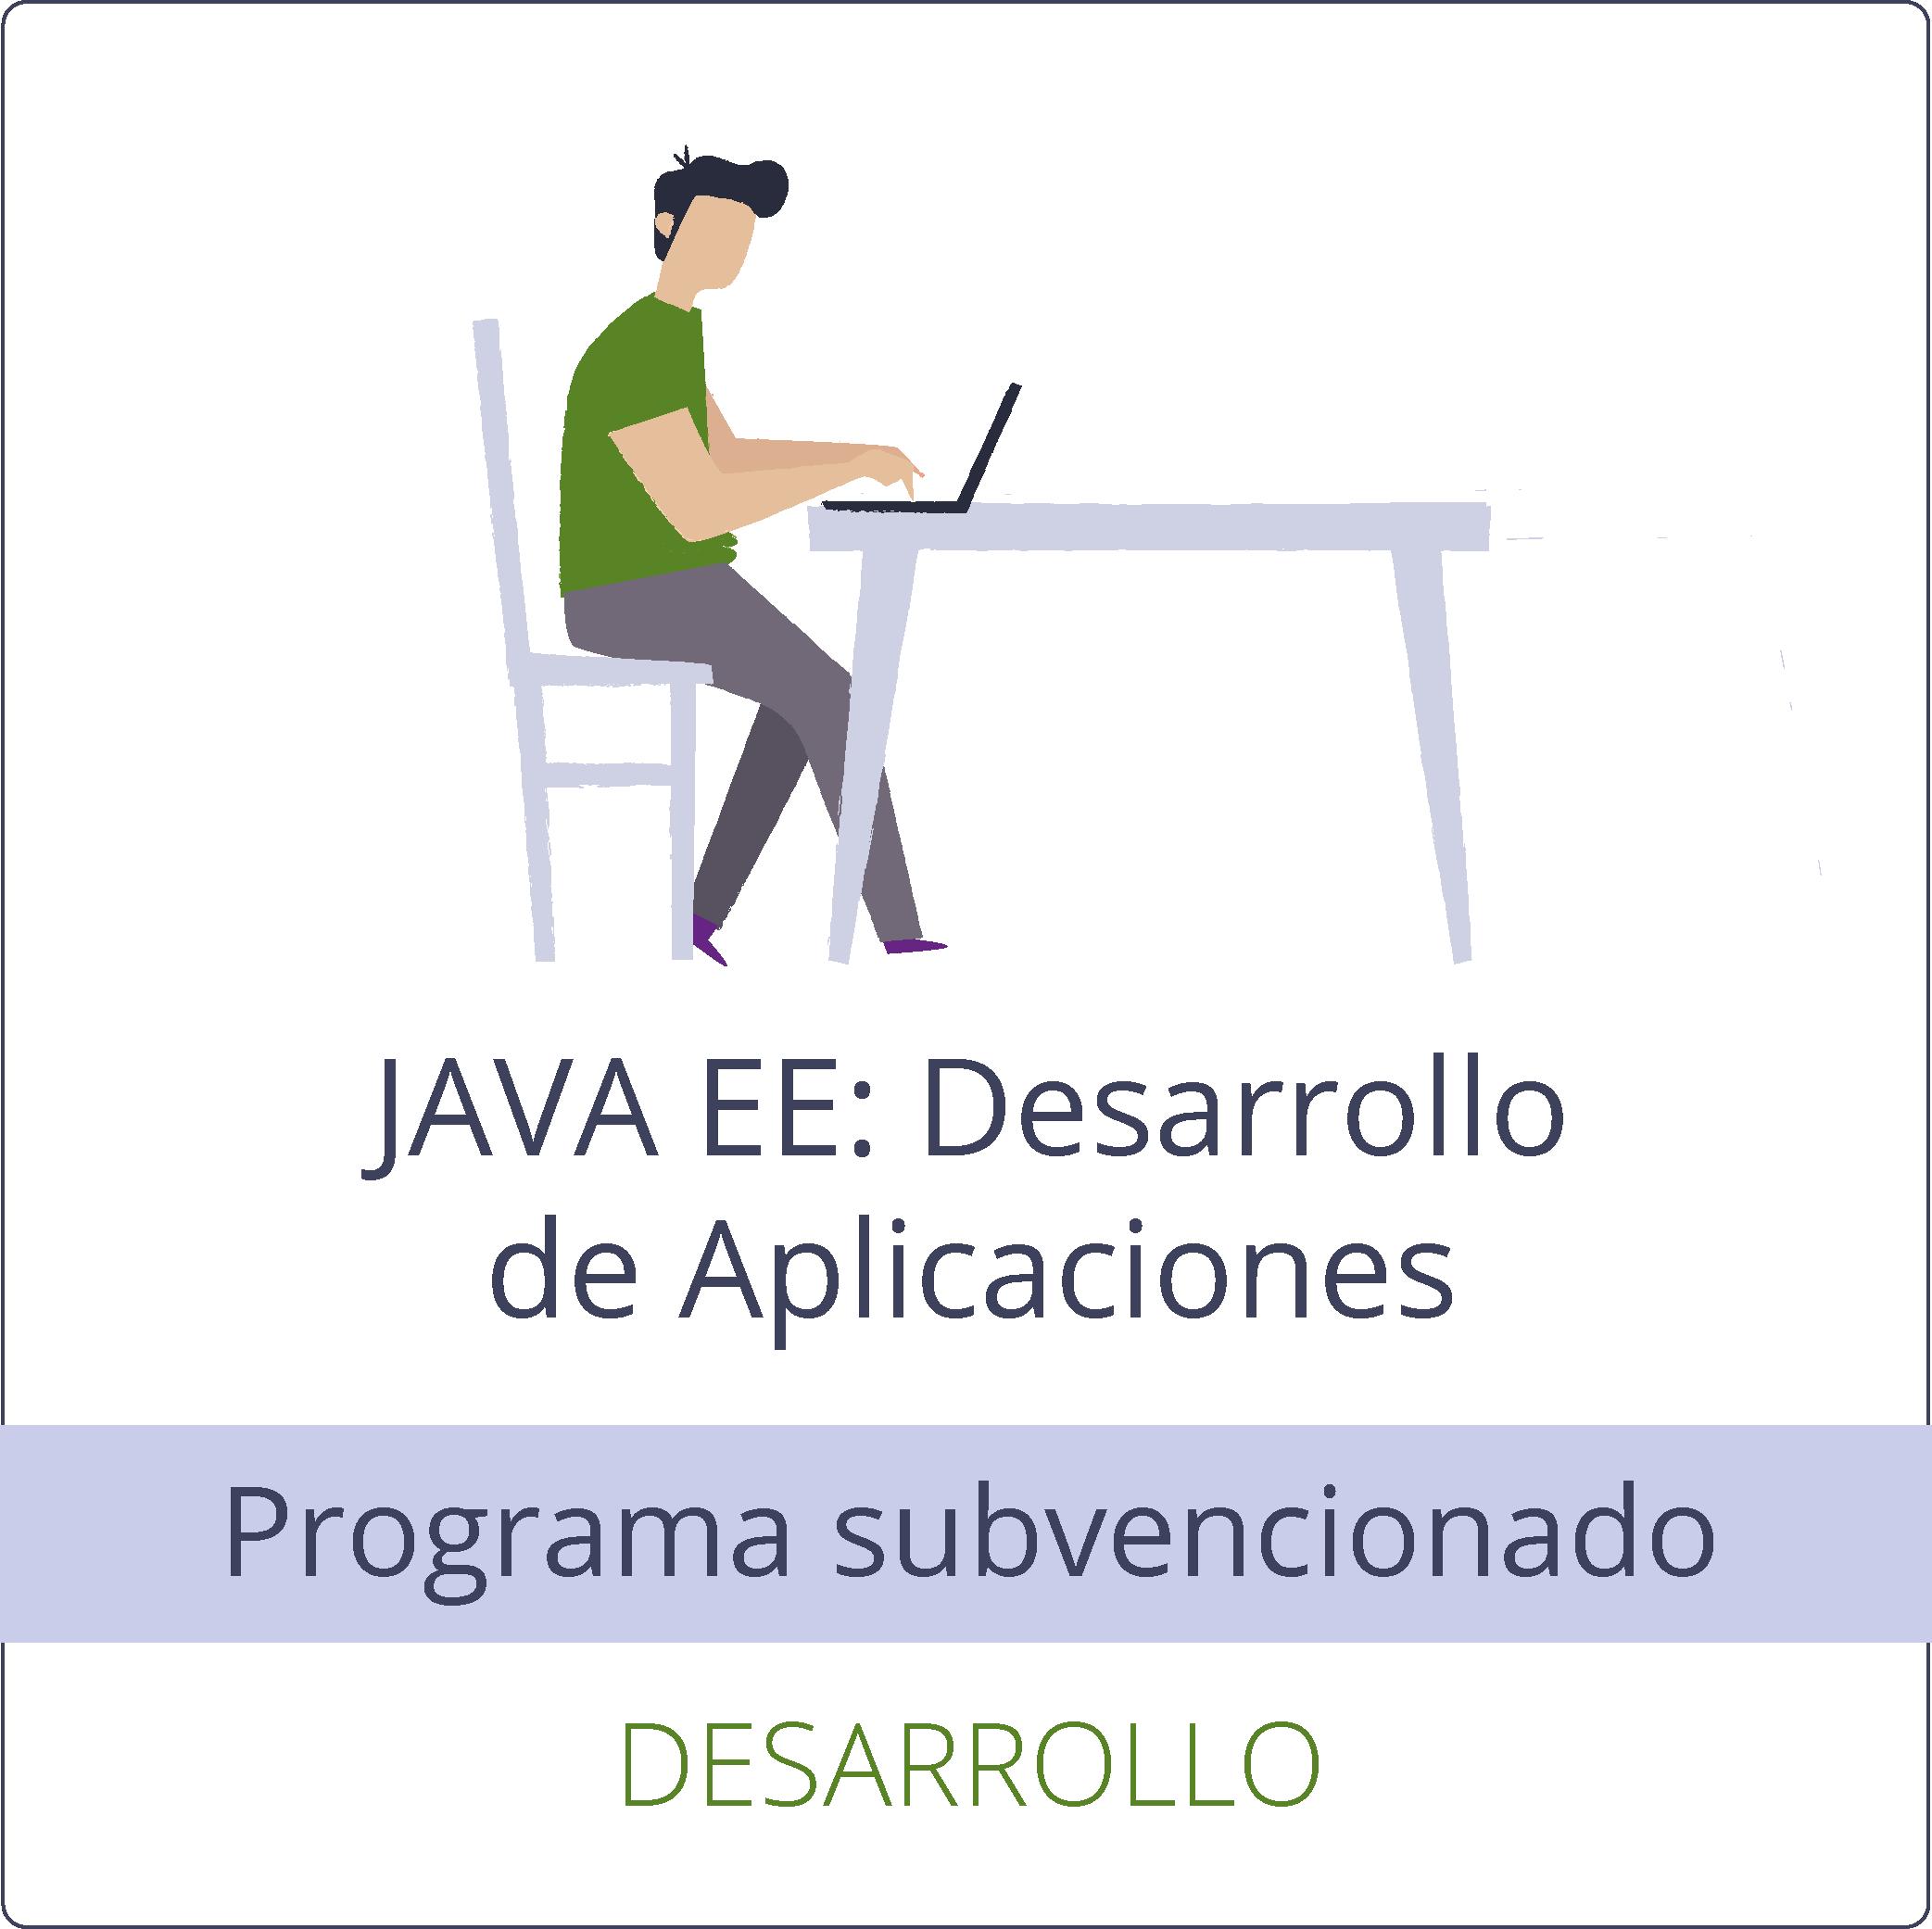 Java EE. Desarrollo de aplicaciones (gratuito)